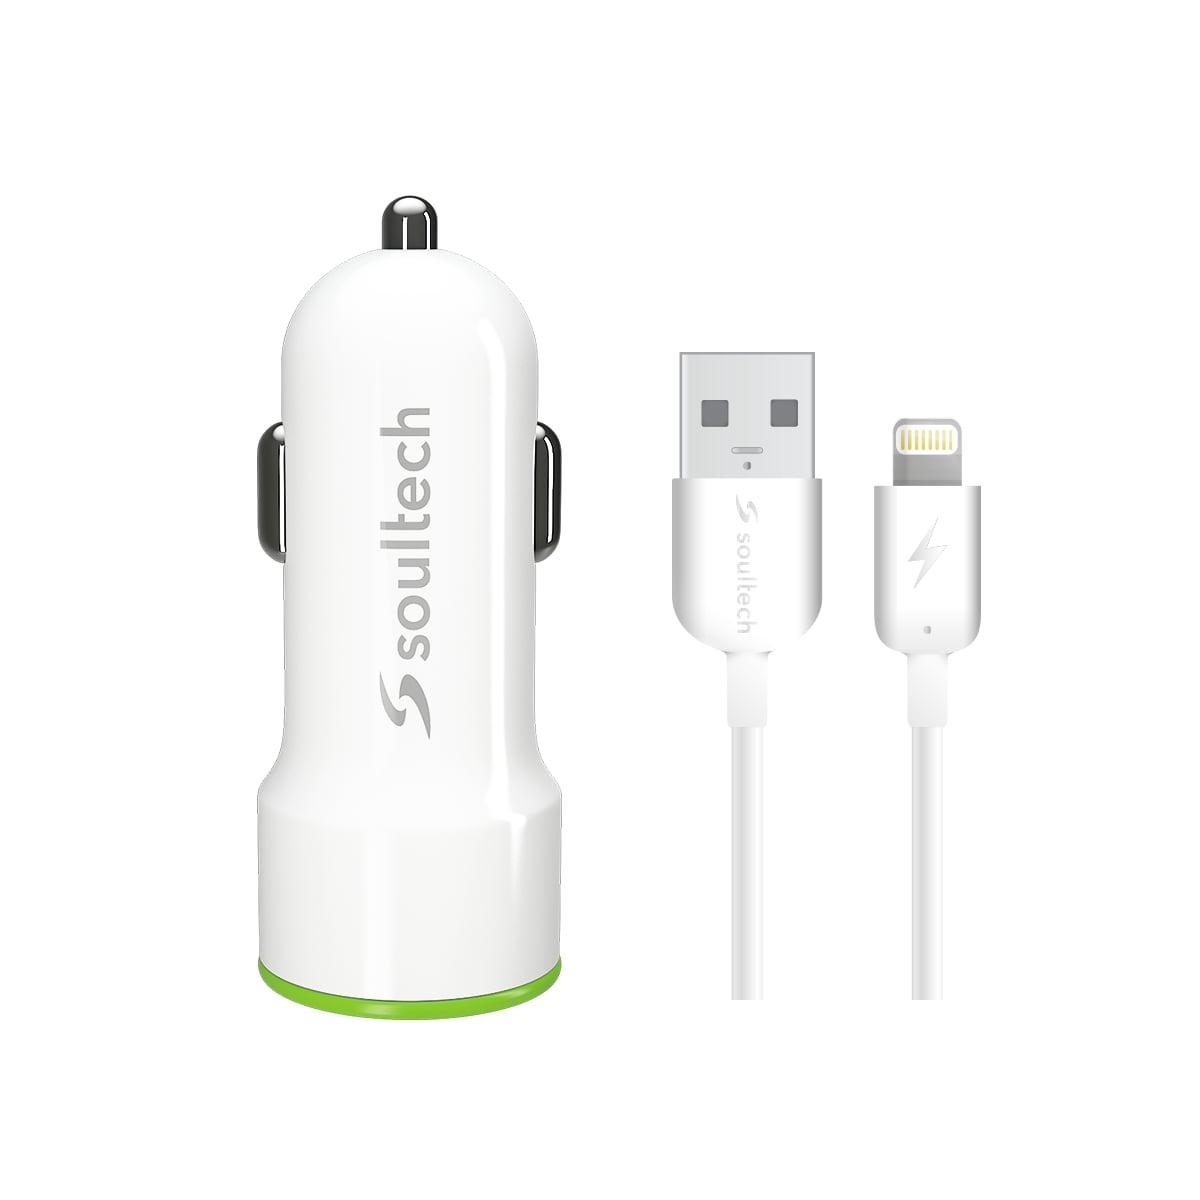 Soultech Comfort Iphone 5/6/7/8 2 Usb Araç Şarjı + Kablo SC343B 3.1 MAH  Beyaz